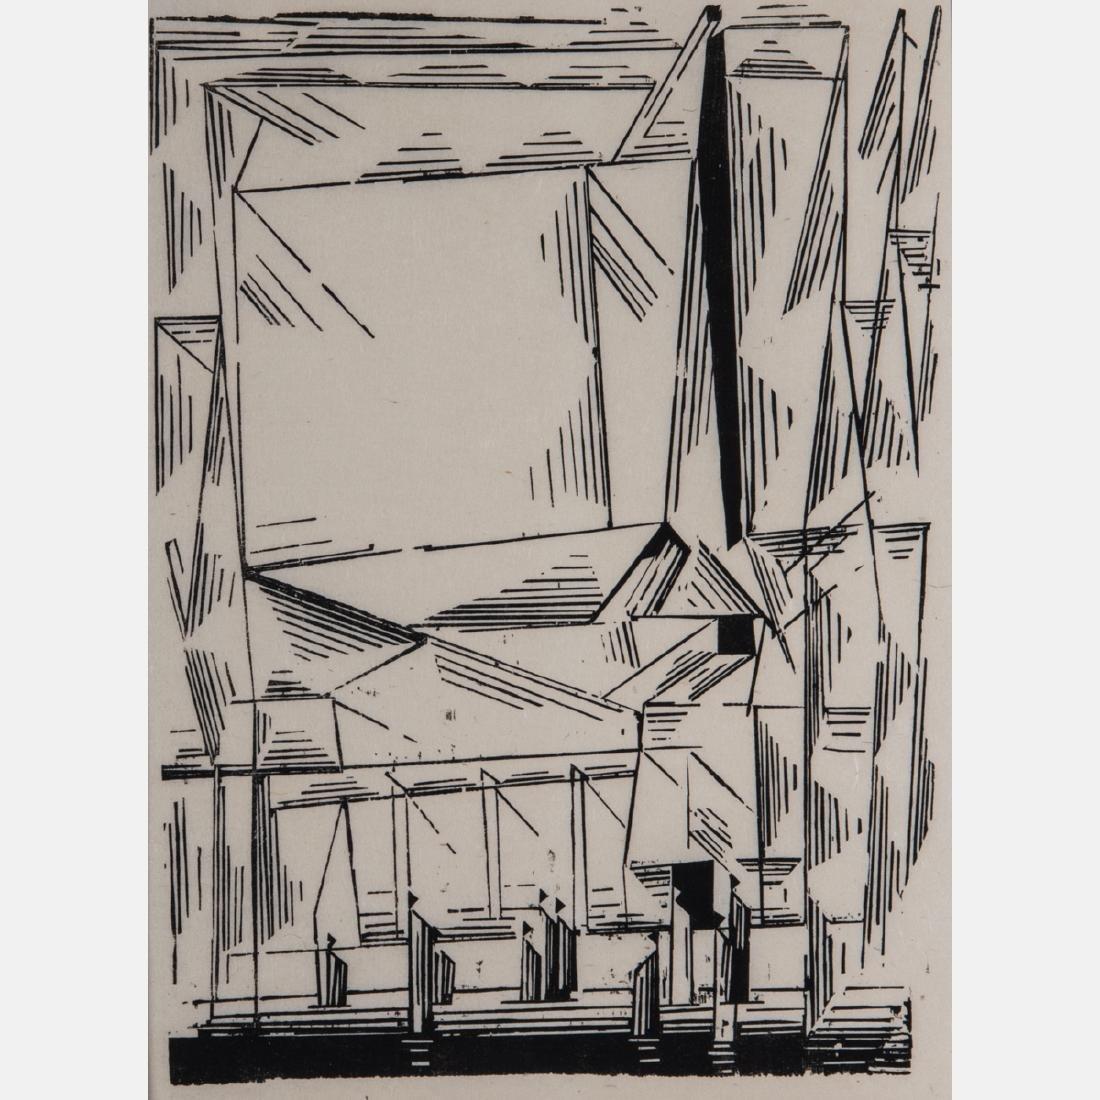 Lyonel Feininger (1871-1956) Gelmeroda, 1920, Woocut,